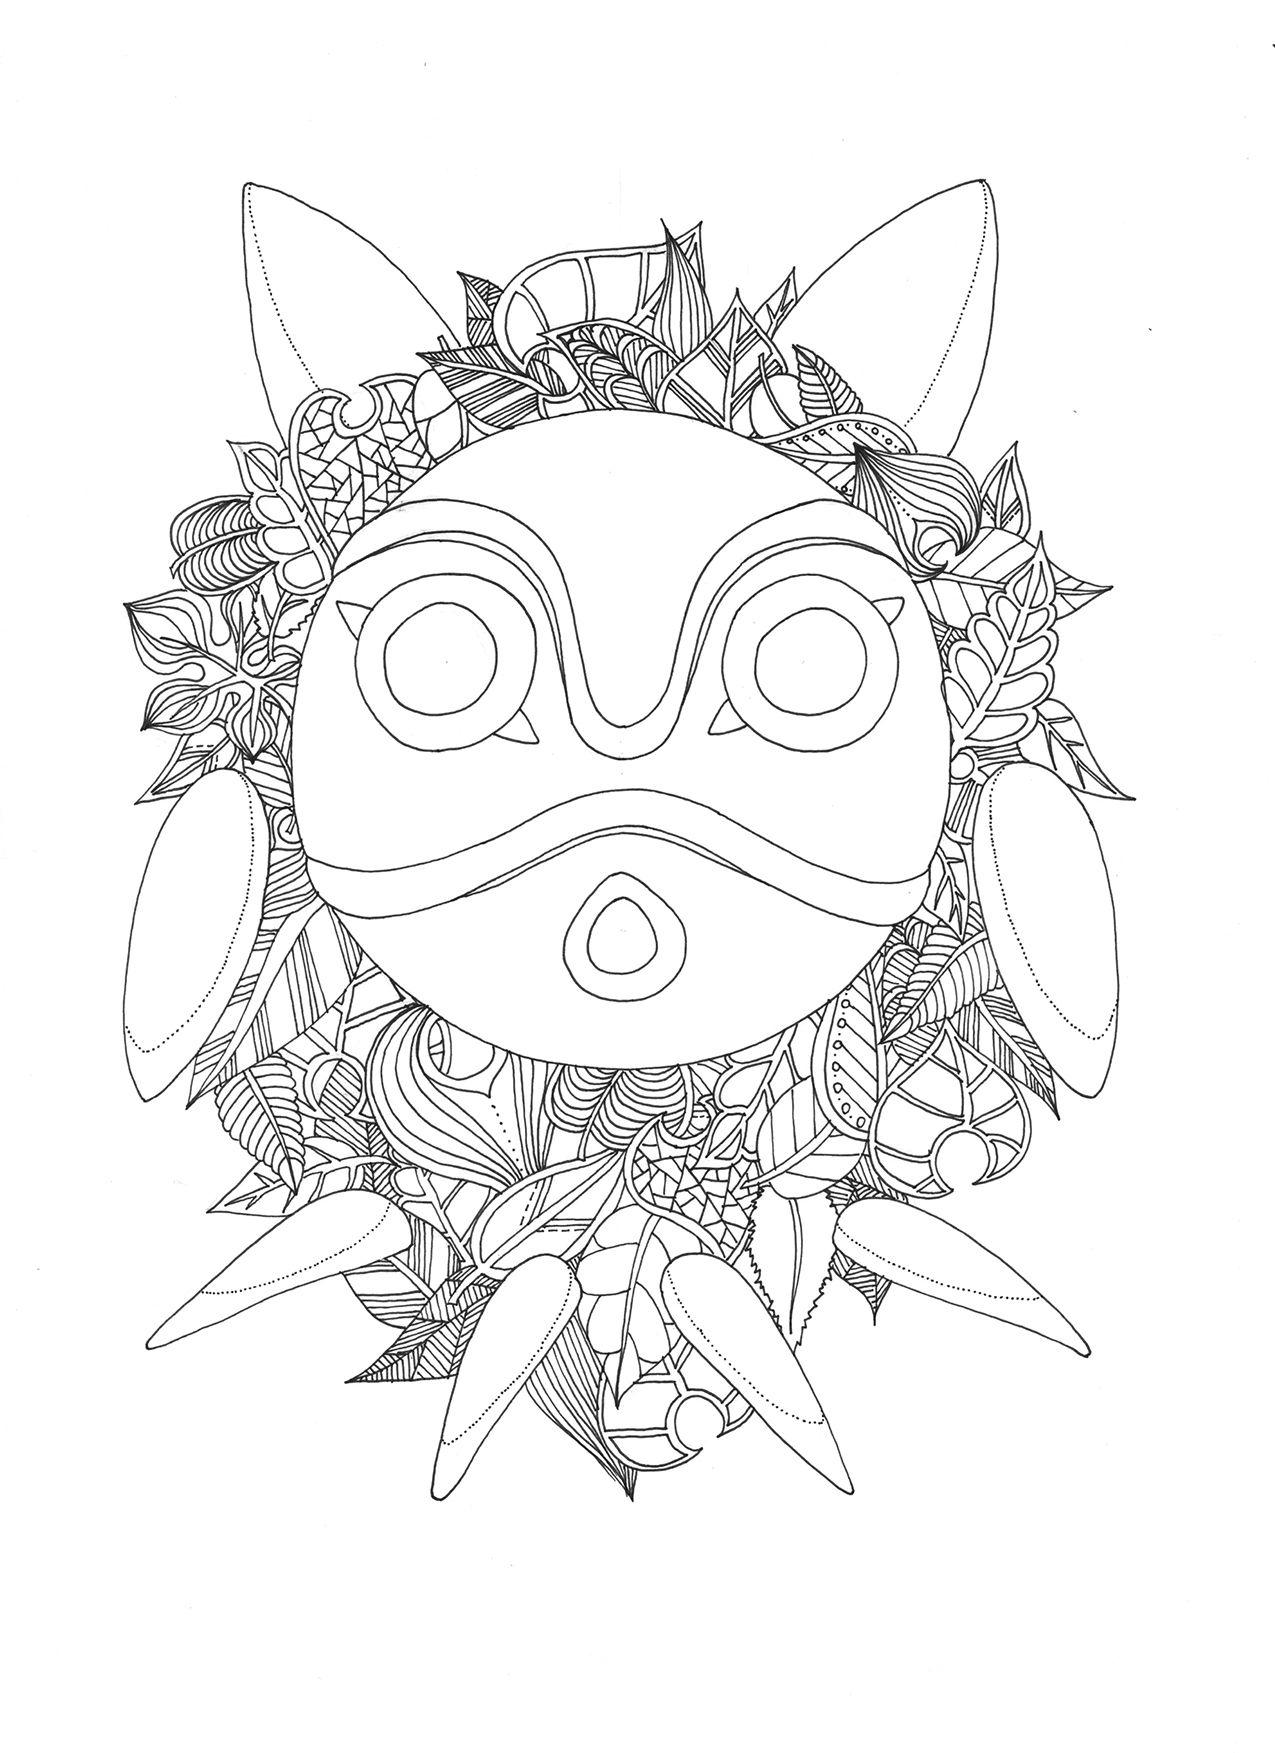 Lechocobo Files Wordpress Com 2016 07 Coloringtotoro 7 150pp Jpg Studio Ghibli Art Ghibli Totoro [ 1753 x 1275 Pixel ]